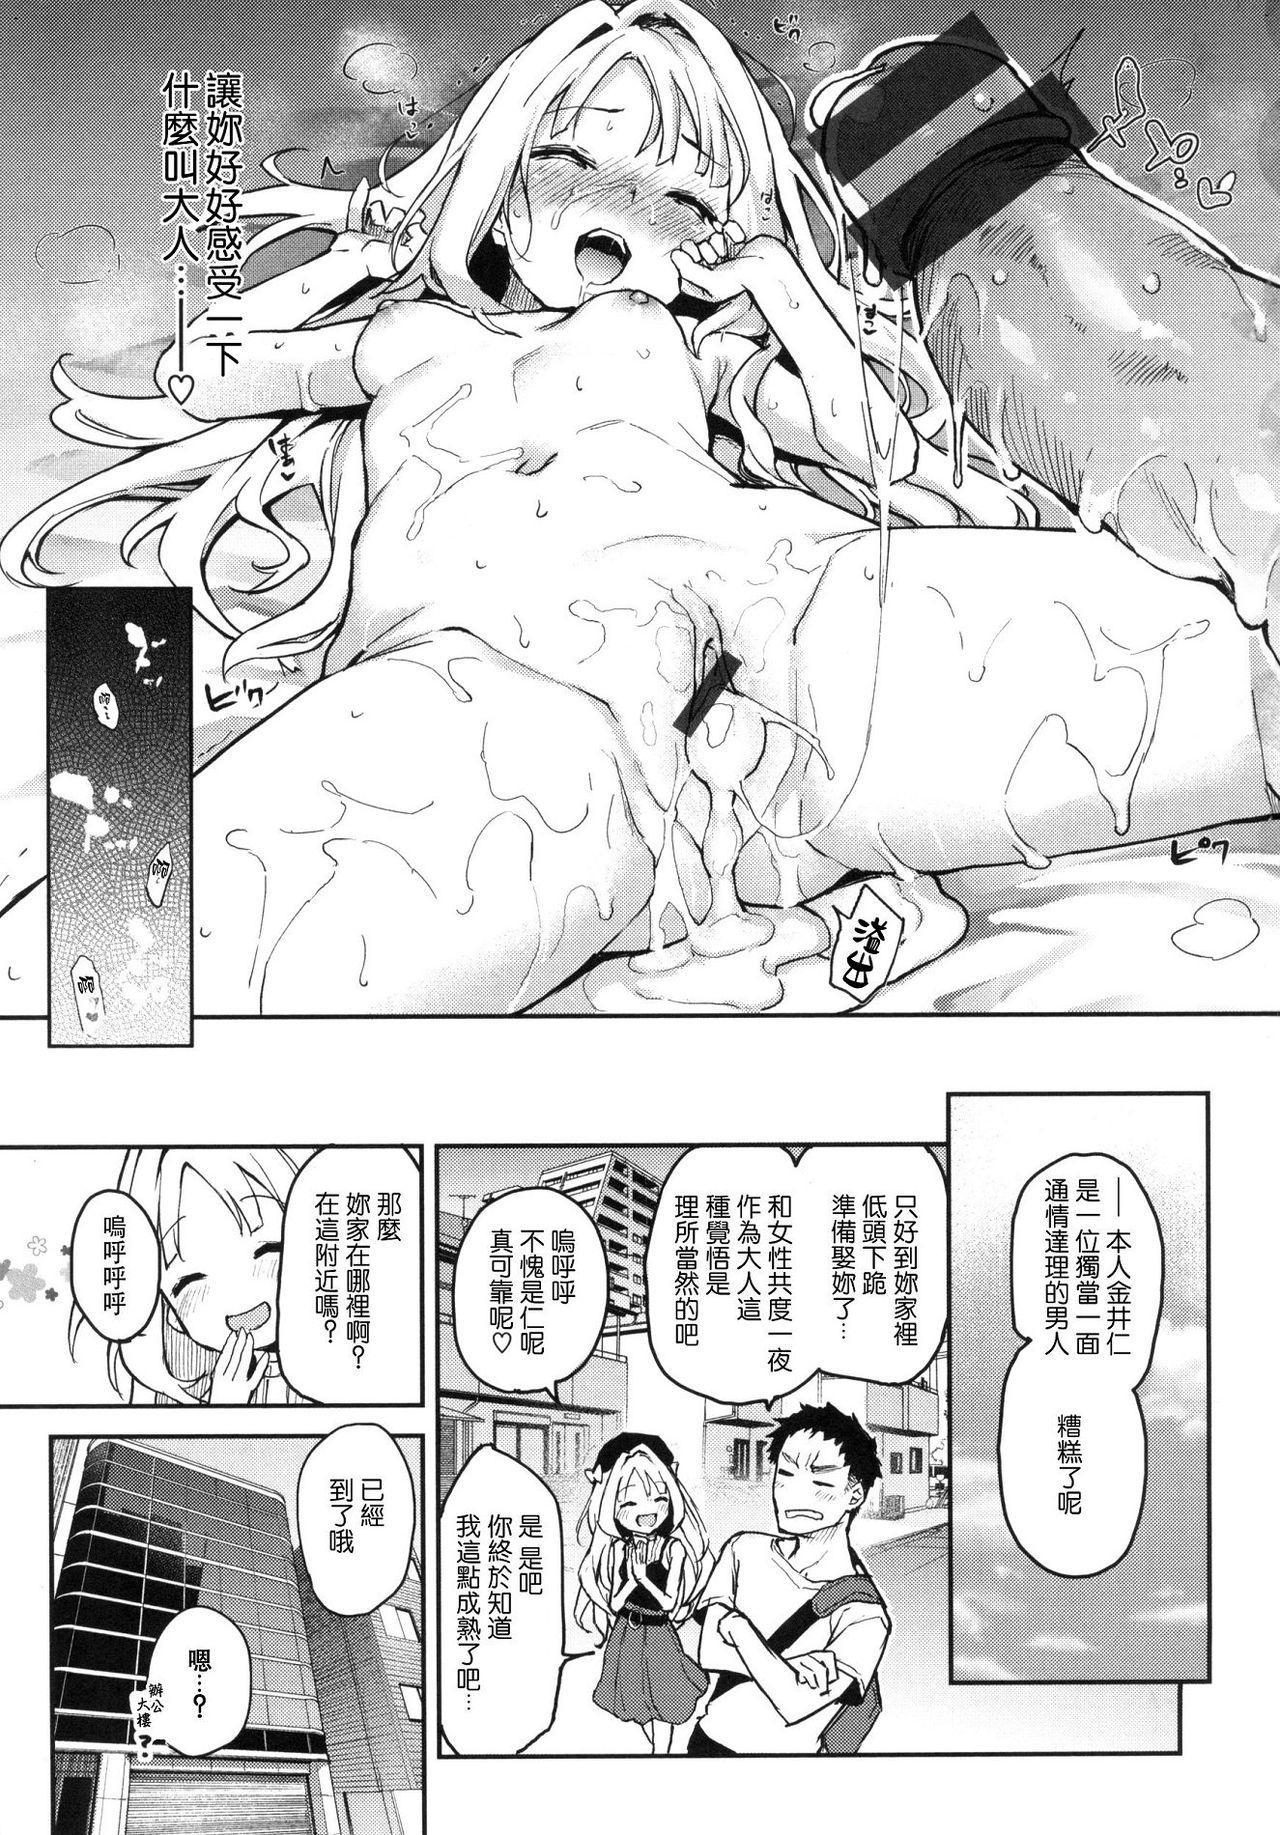 Azato Making Shokai Genteiban 120